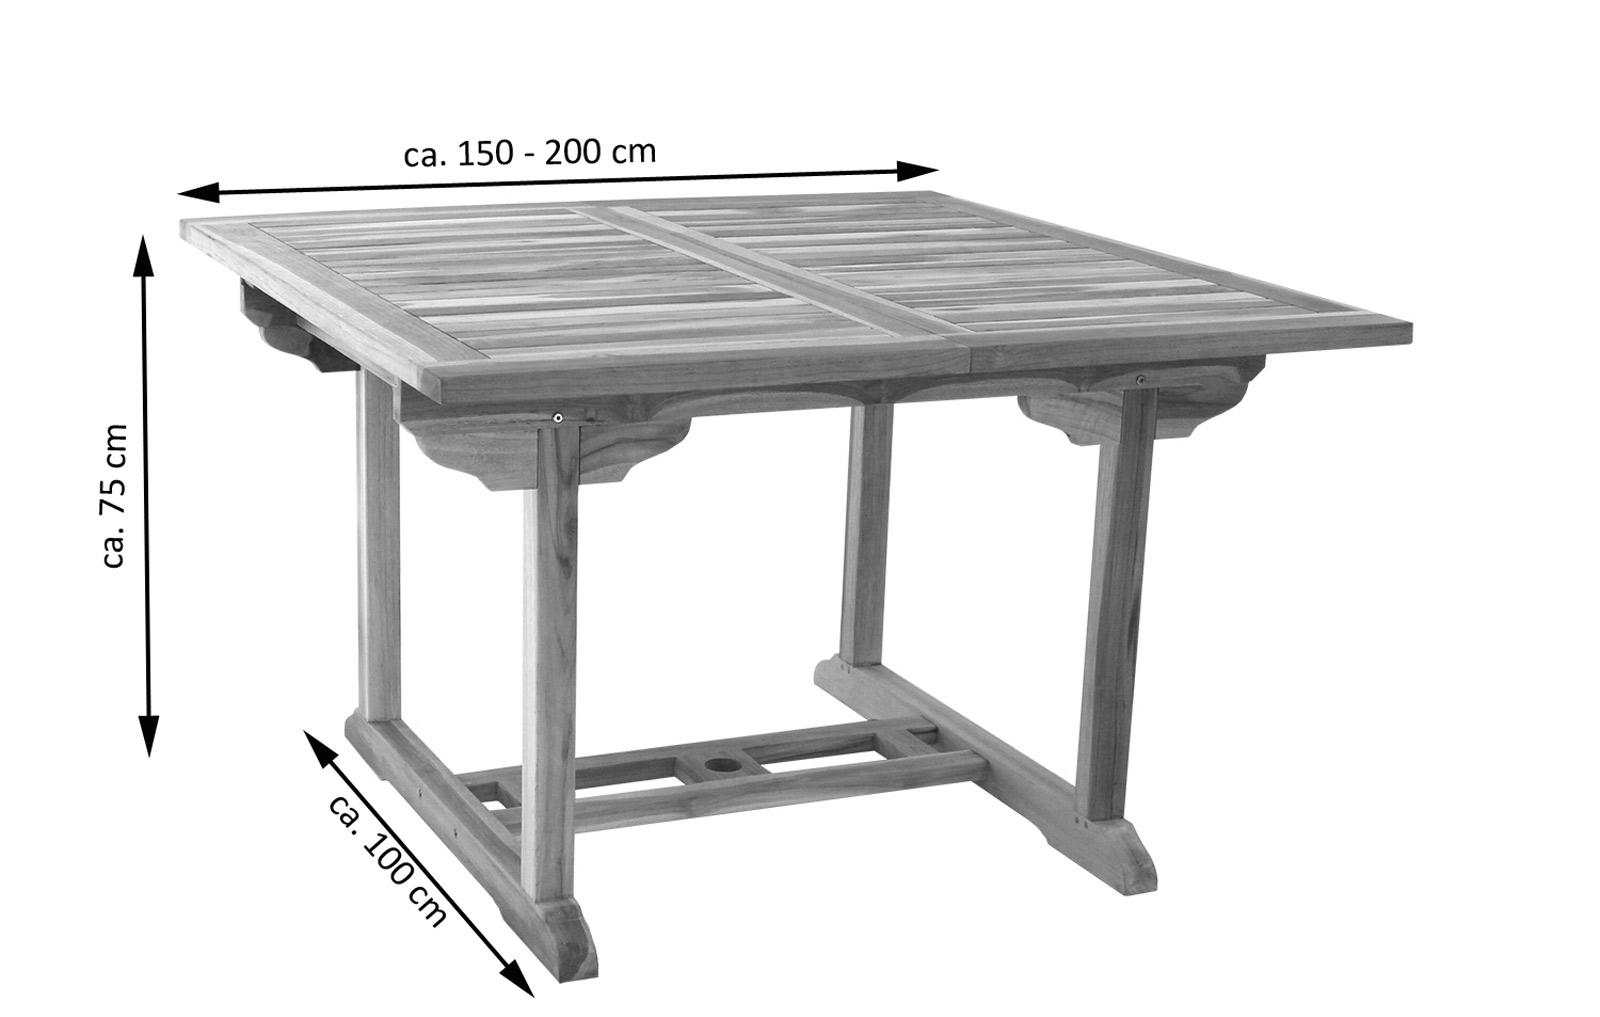 SAM® Teak Gartenmöbel Set 4tlg. Eckbank Garten Tisch 150 200 Cm CA  Demnächst !